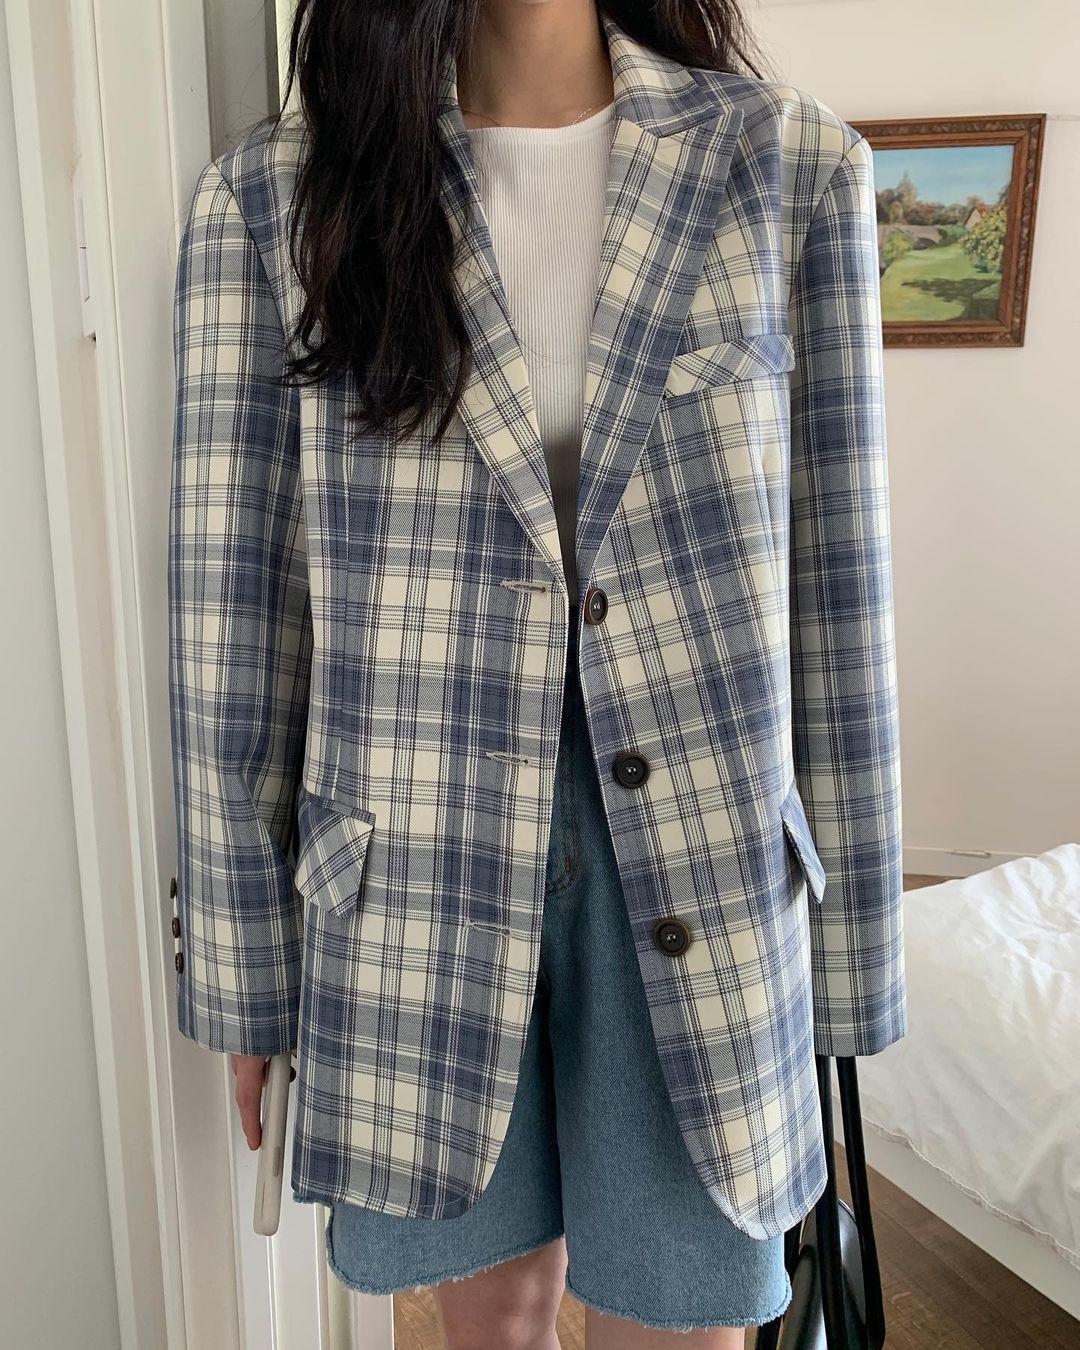 Nàng vai to hay vai hẹp muốn tìm được kiểu áo tôn dáng nhất thì phải căn cứ vào chi tiết này - Ảnh 6.